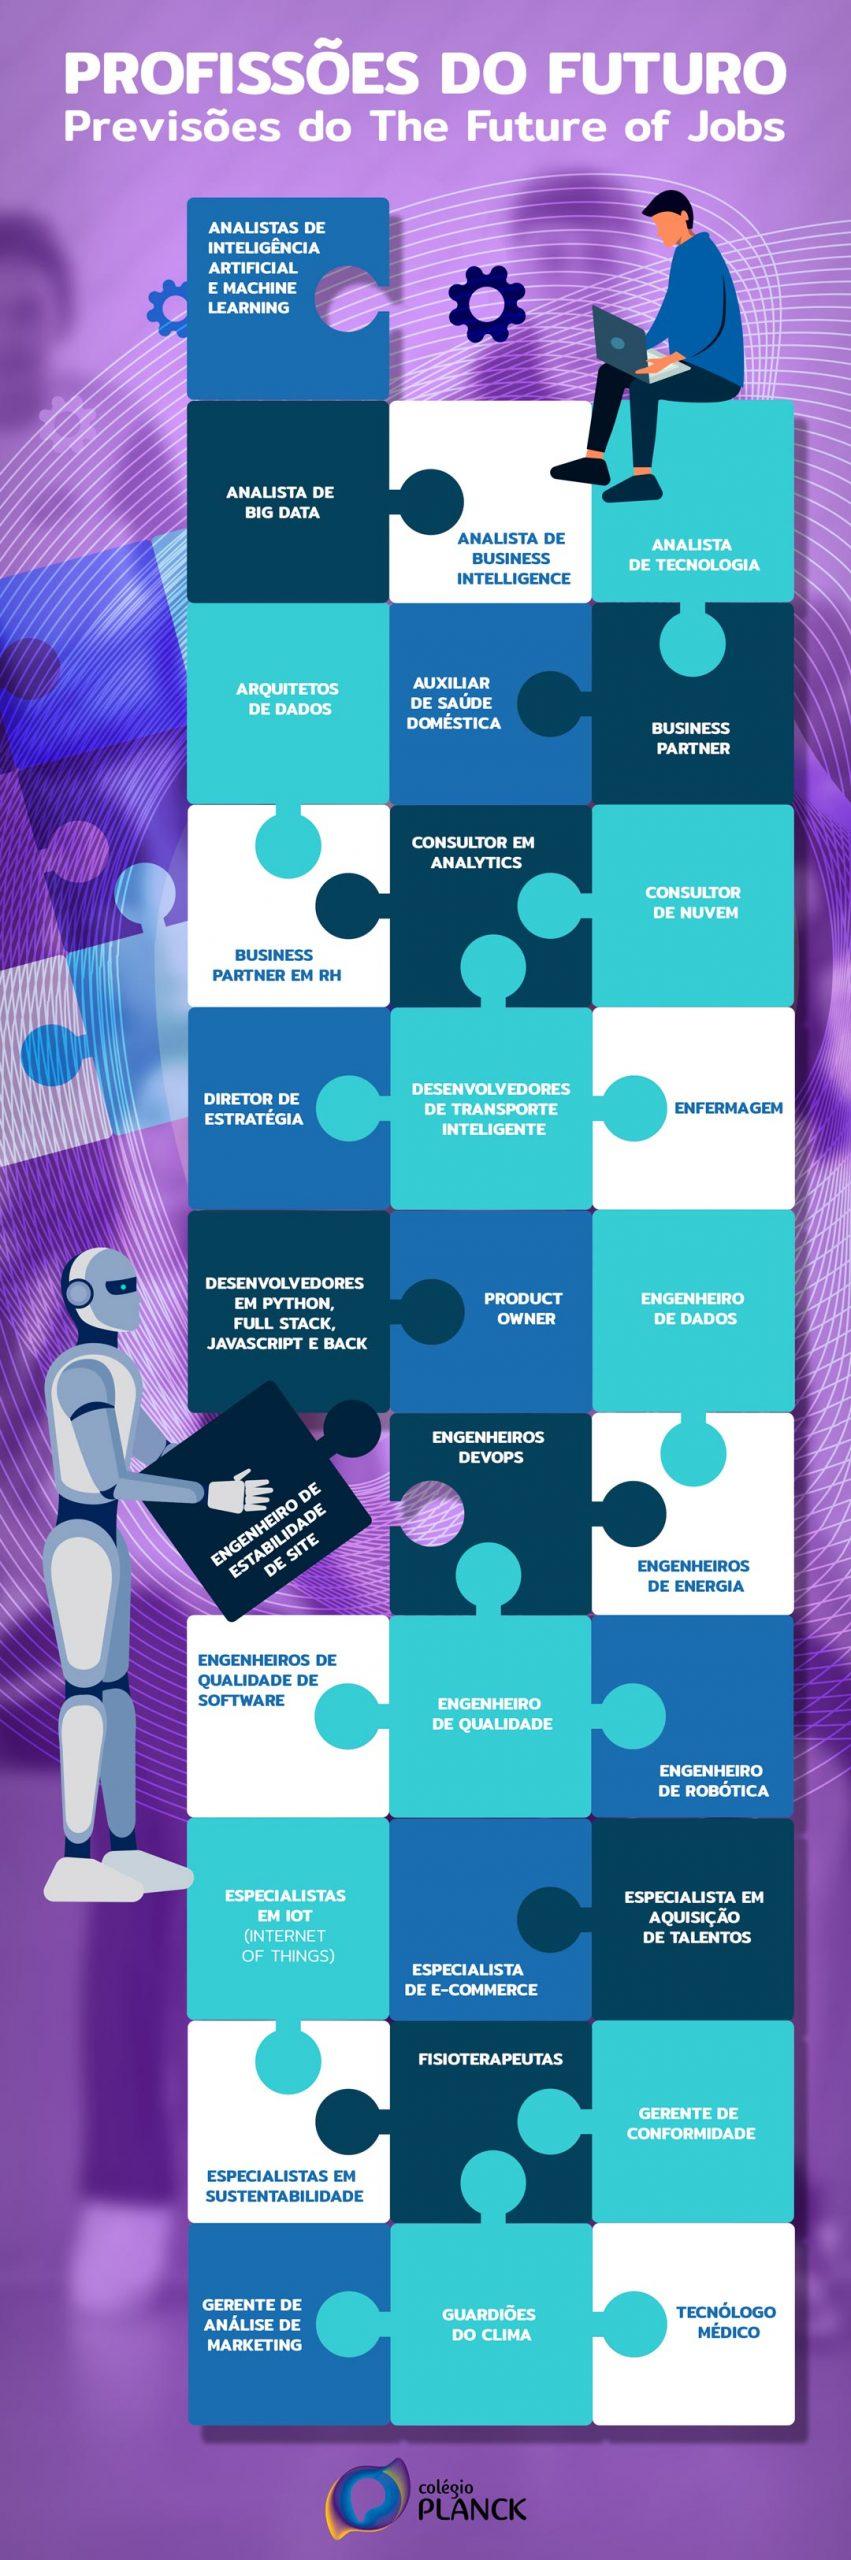 """De acordo com o Relatório The Future of Jobs, divulgado pelo Fórum Econômico Mundial em outubro, na verdade, o futuro já chegou. Segundo o relatório, criado em parceria com o ADP Research Institute, a pandemia afetou o mercado de trabalho muito mais rápido do que se esperava. O momento demonstra que mais de 80% dos negócios estão sofrendo planos de digitalização para implantação de novas tecnologias e 50% estão acelerando a implantação da automação para algumas funções. Segundo o relatório, em 2025, a automação e uma nova divisão do trabalho entre humanos e máquinas impactarão em 85 milhões de empregos em todo o mundo, em empresas de médio e grande porte em 15 setores e 26 economias. O relatório Future of Jobs mapeia os empregos e habilidades do futuro, acompanhando o ritmo das mudanças, e divulga esse levantamento sempre no Fórum Econômico. Para o estudo deste ano, o relatório aponta que algumas áreas ganharam grande destaque, com foco muito grande no empreendedorismo. A missão do ADP Research Institute é gerar descobertas baseadas em dados sobre o mundo do trabalho e derivar indicadores econômicos confiáveis a partir dessas percepções. Entre as áreas que estarão em ascensão estão a área da saúde, especialmente, o setor que está ligado com a tecnologia, e carreiras que valorizam o preparo físico.O estudo também demonstra que as profissões que estão ligadas à gestão de dados e Inteligência Artificial vão crescer expressivamente, como desenvolvedor de Big Data e engenheiro de dados. Relacionado a essa área também estão as profissões ligadas à engenharia e computação em nuvem, como consultor de nuvem e engenheiro de plataforma. Profissões ligadas ao marketing digital, desenvolvimento e implementação de estratégia, vendas e conteúdo também estarão em alta. Cresce também as funções ligadas ao desenvolvimento de produtos, como os product owner e engenheiros de qualidade de software. O """"Future of Jobs"""" também aponta que profissões que busquem os cuidados com o meio ambien"""